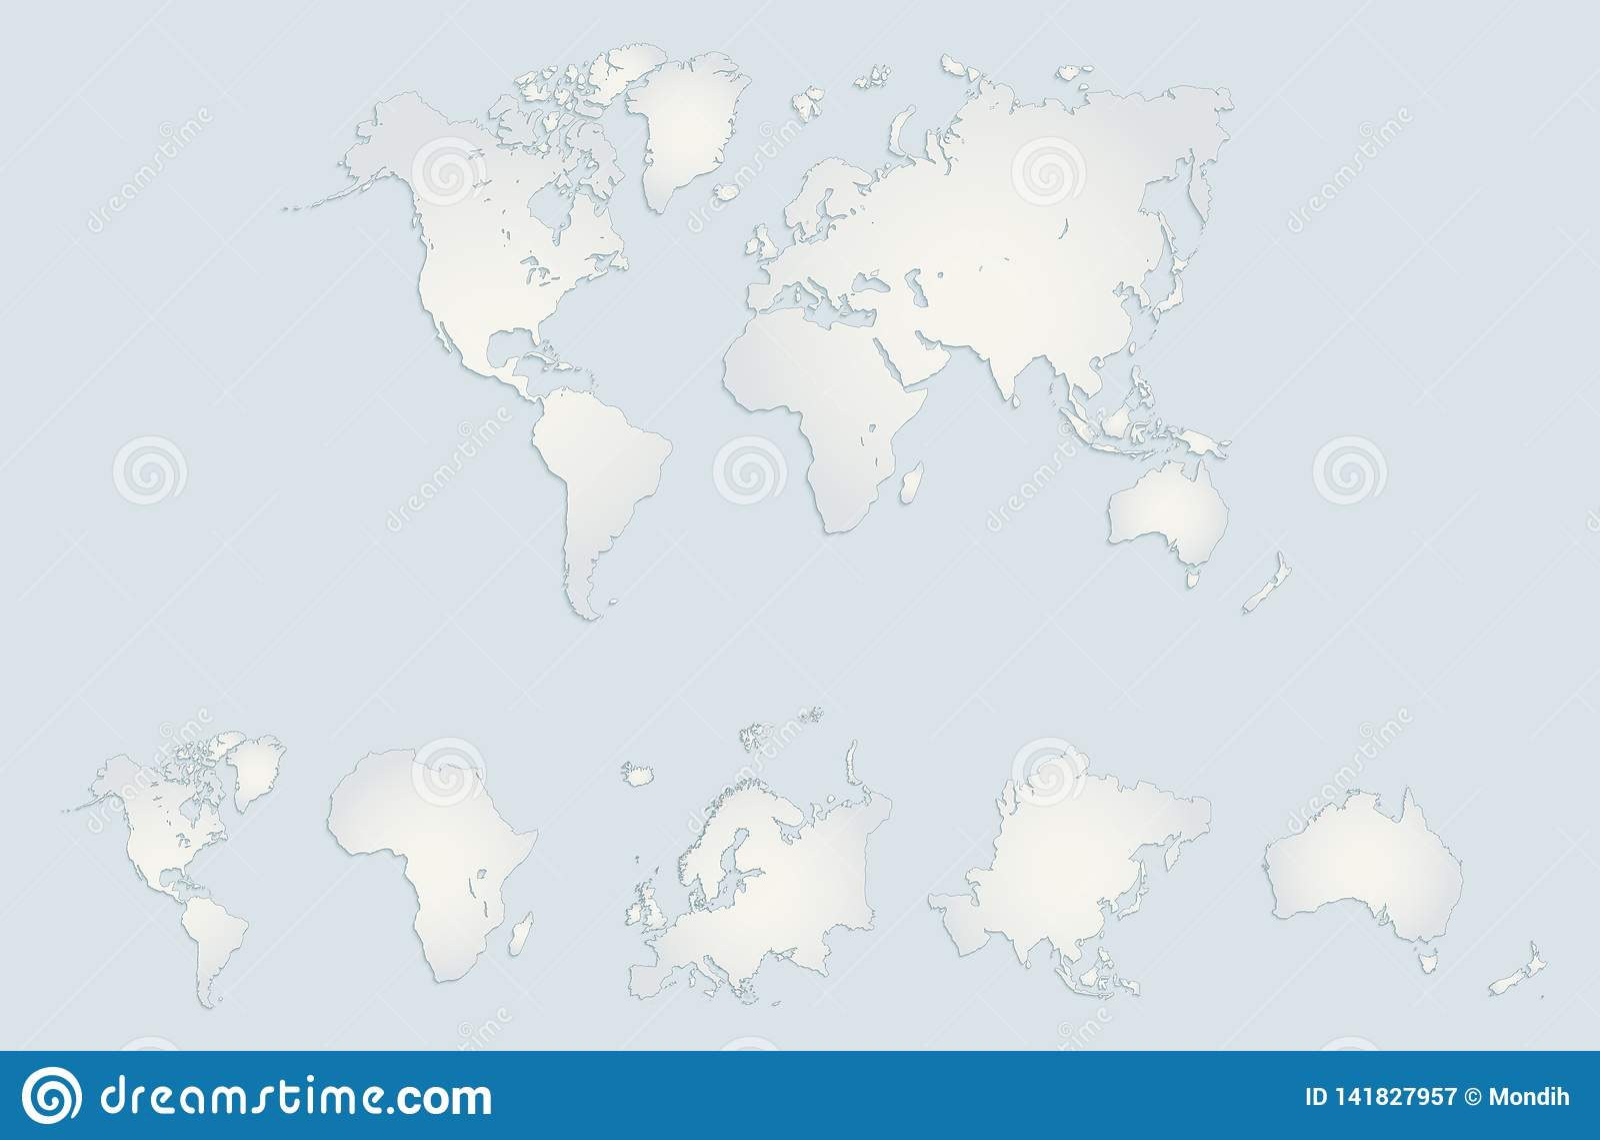 Οι παγκόσμιες ήπειροι χαρτογραφούν, Αμερική, Ευρώπη, Αφρική, Ασία, Αυστραλία, μπλε κενό της Λευκής Βίβλου